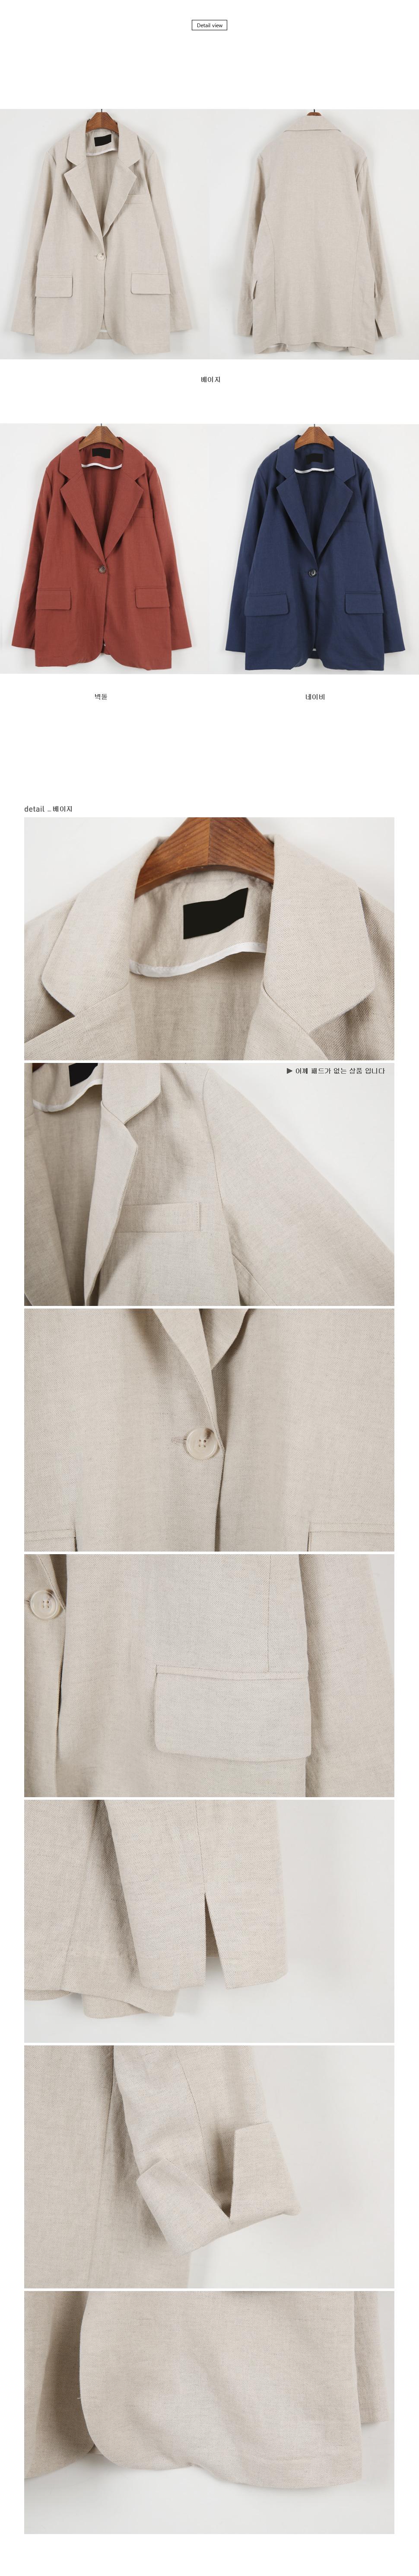 Jig Herringbone Linen Jacket - Beige ships same day